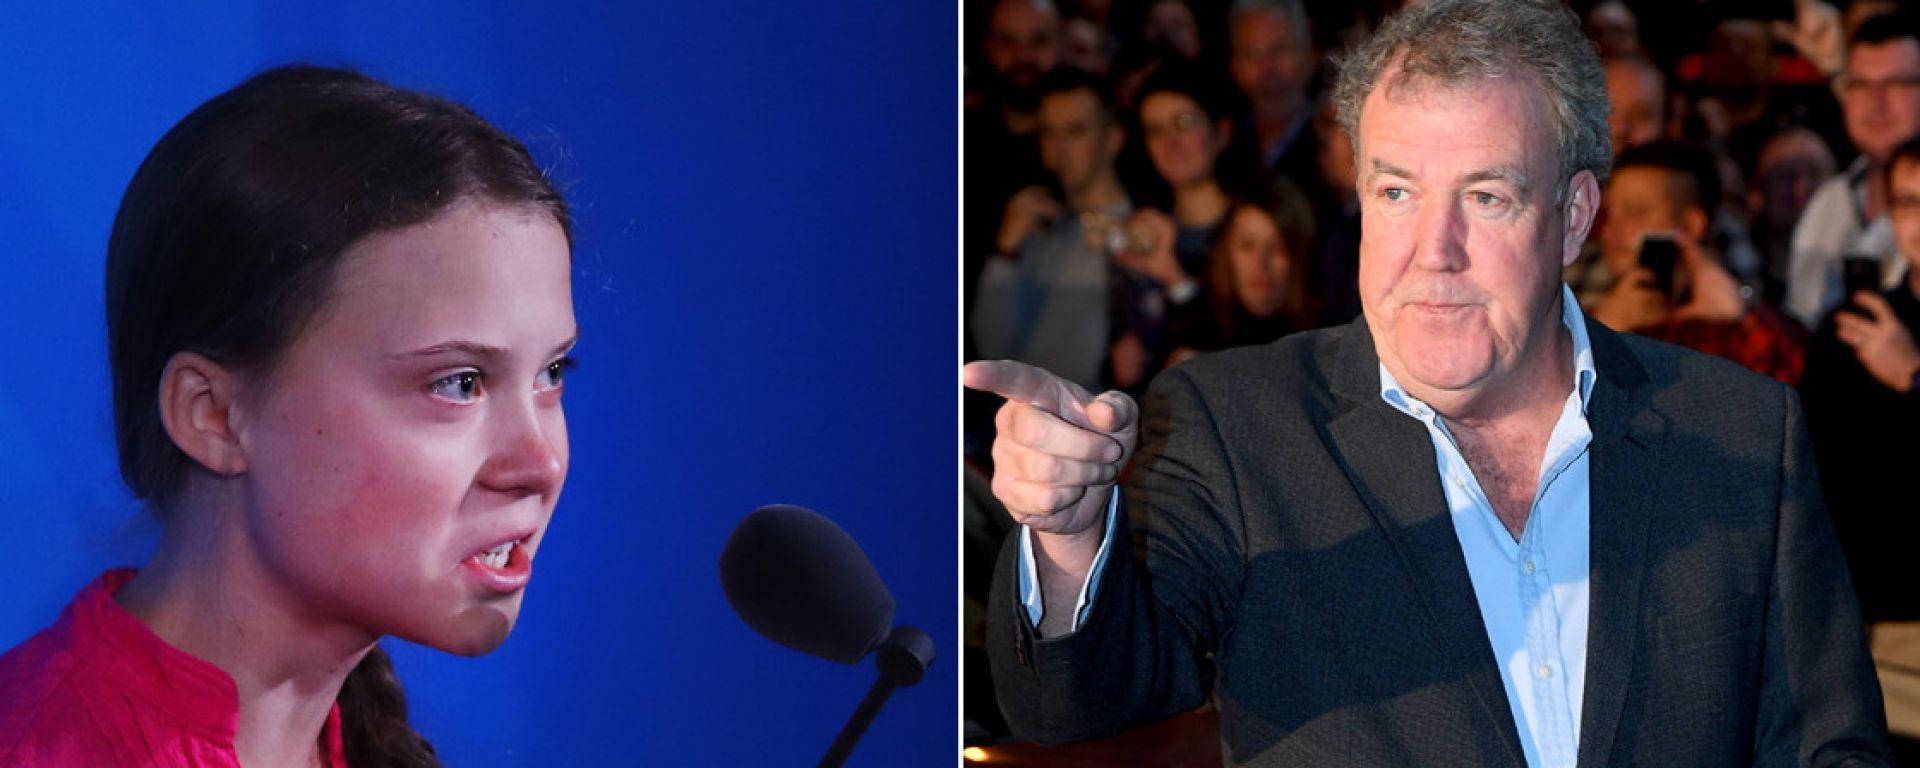 Jeremy Clarkson contro Greta Thunberg, ma la figlia risponde